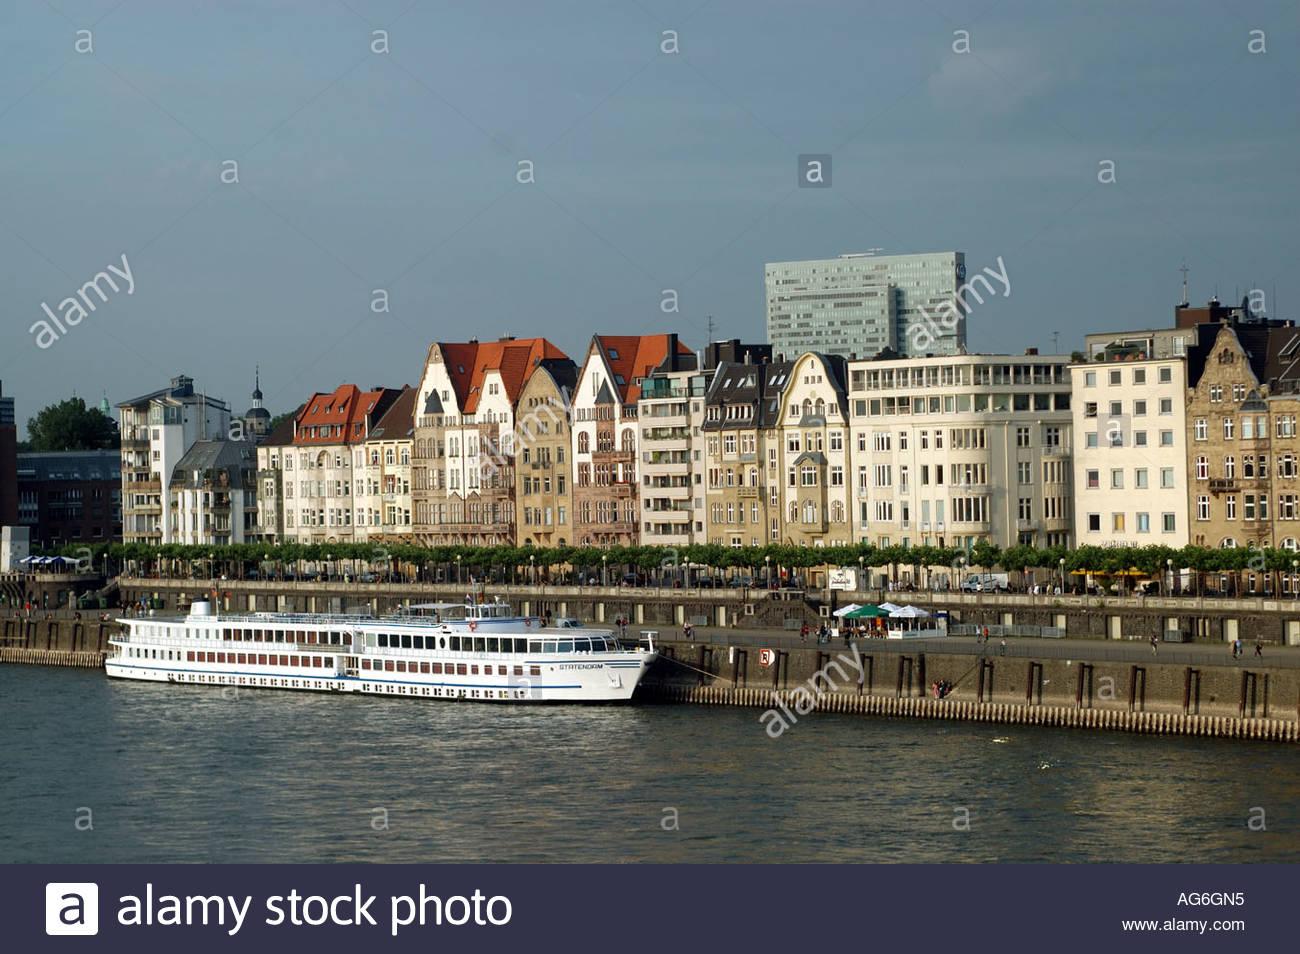 Düsseldorf Deutschland Fluss Boot vertäut am Ufer des Rheins. Stockbild